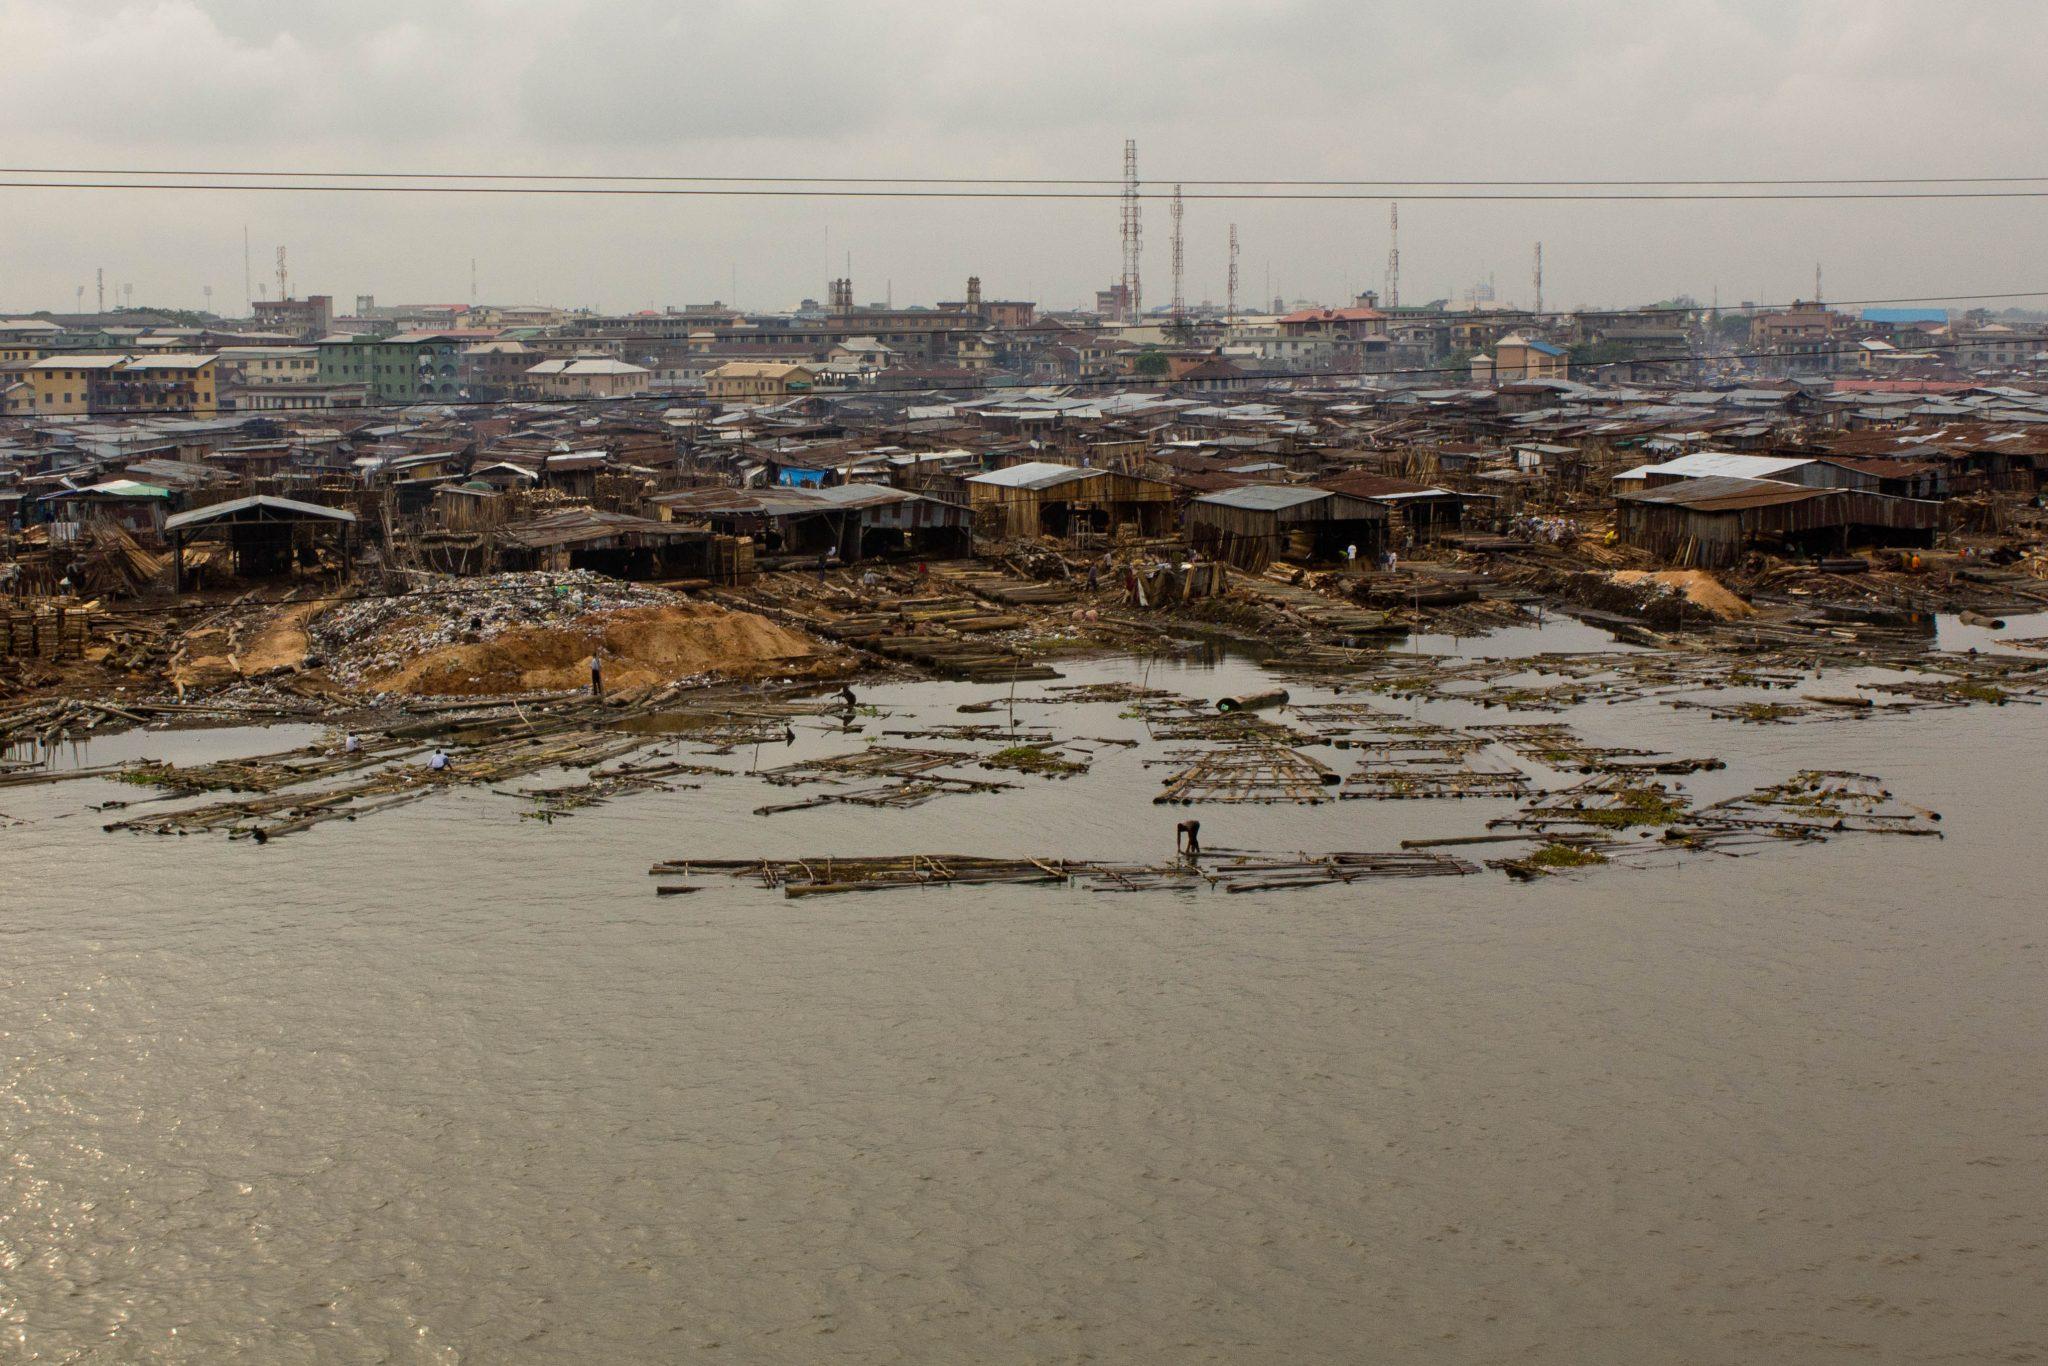 2011_Lagos_Nigeria_5909860250